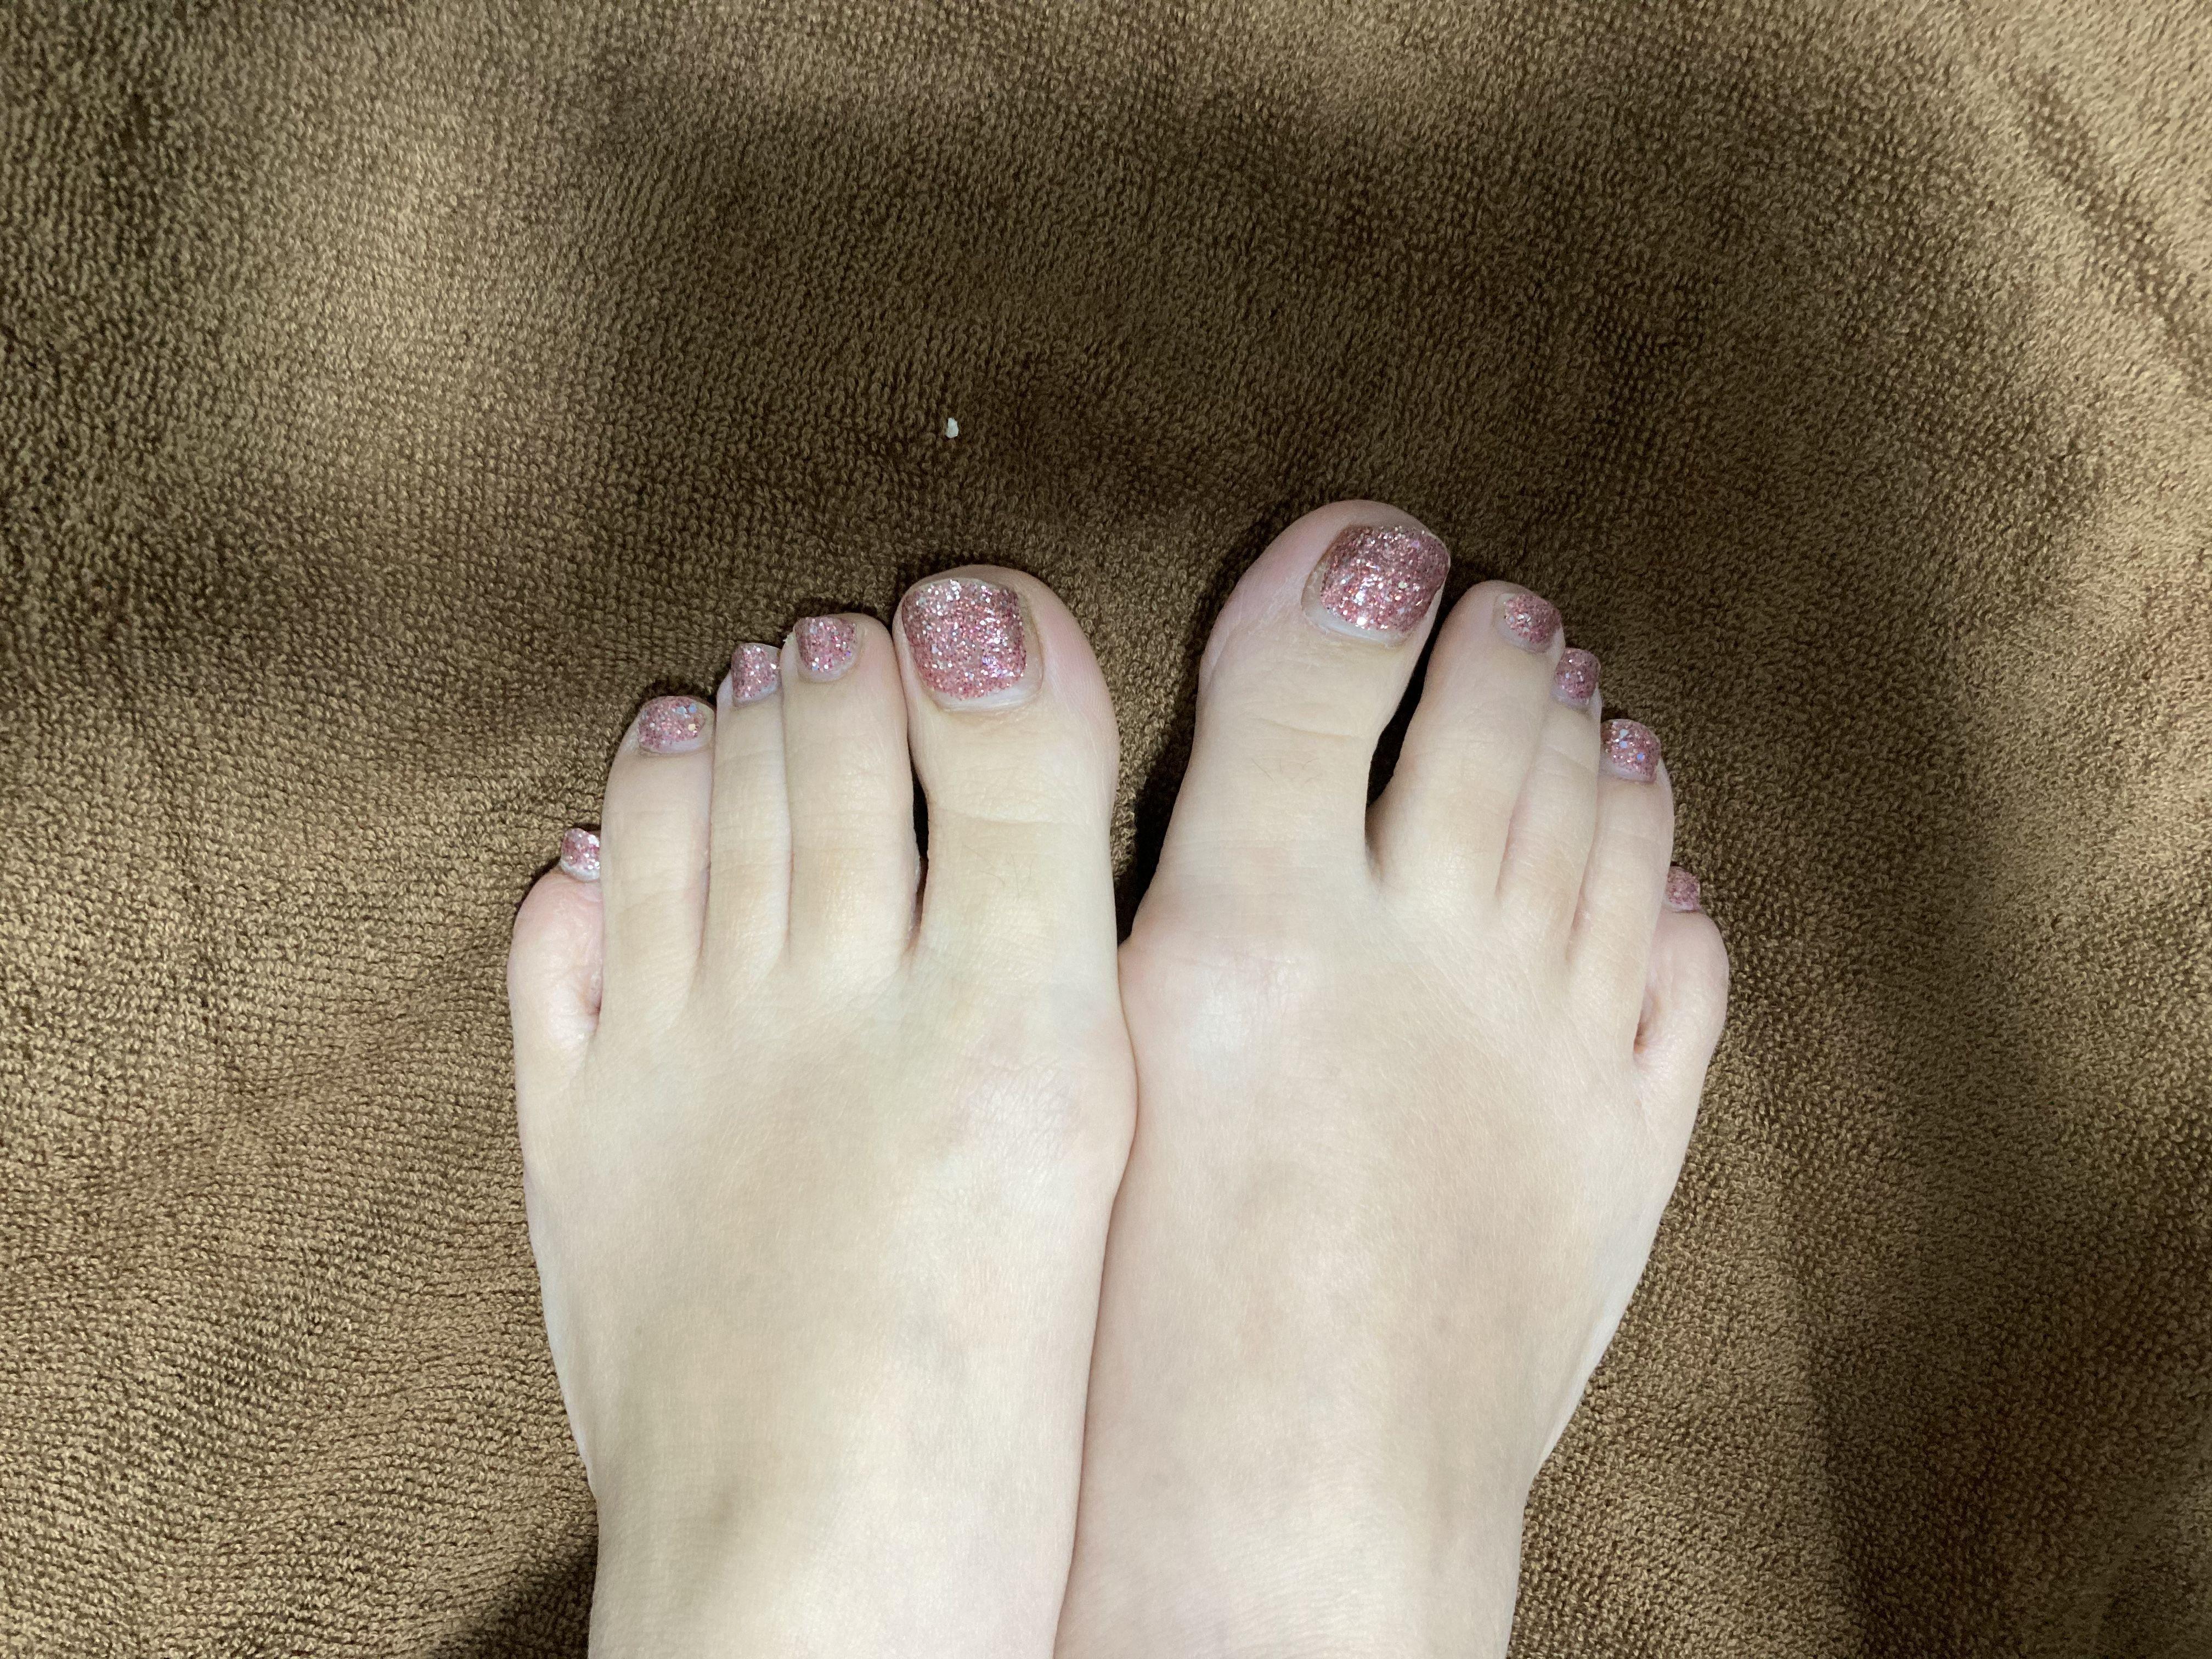 普通の女の子の足の爪切り-スマホ自撮り◎高橋みずき(29歳)保育士 サンプル画像04